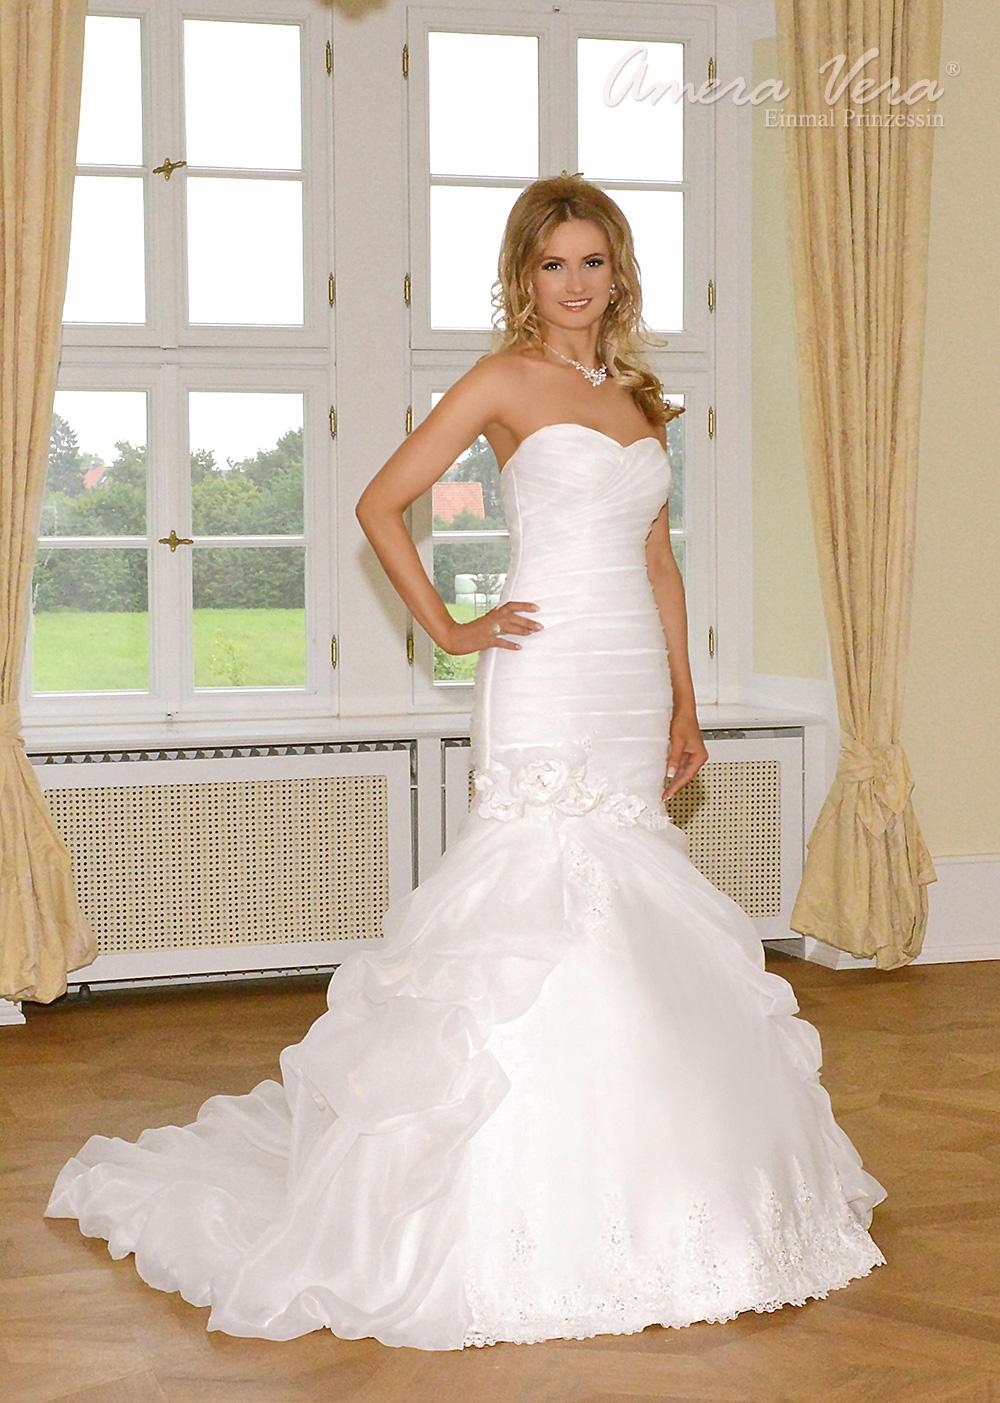 Rund um Brautkleider allerlei Informationen über Schnitte, Stile, Farben